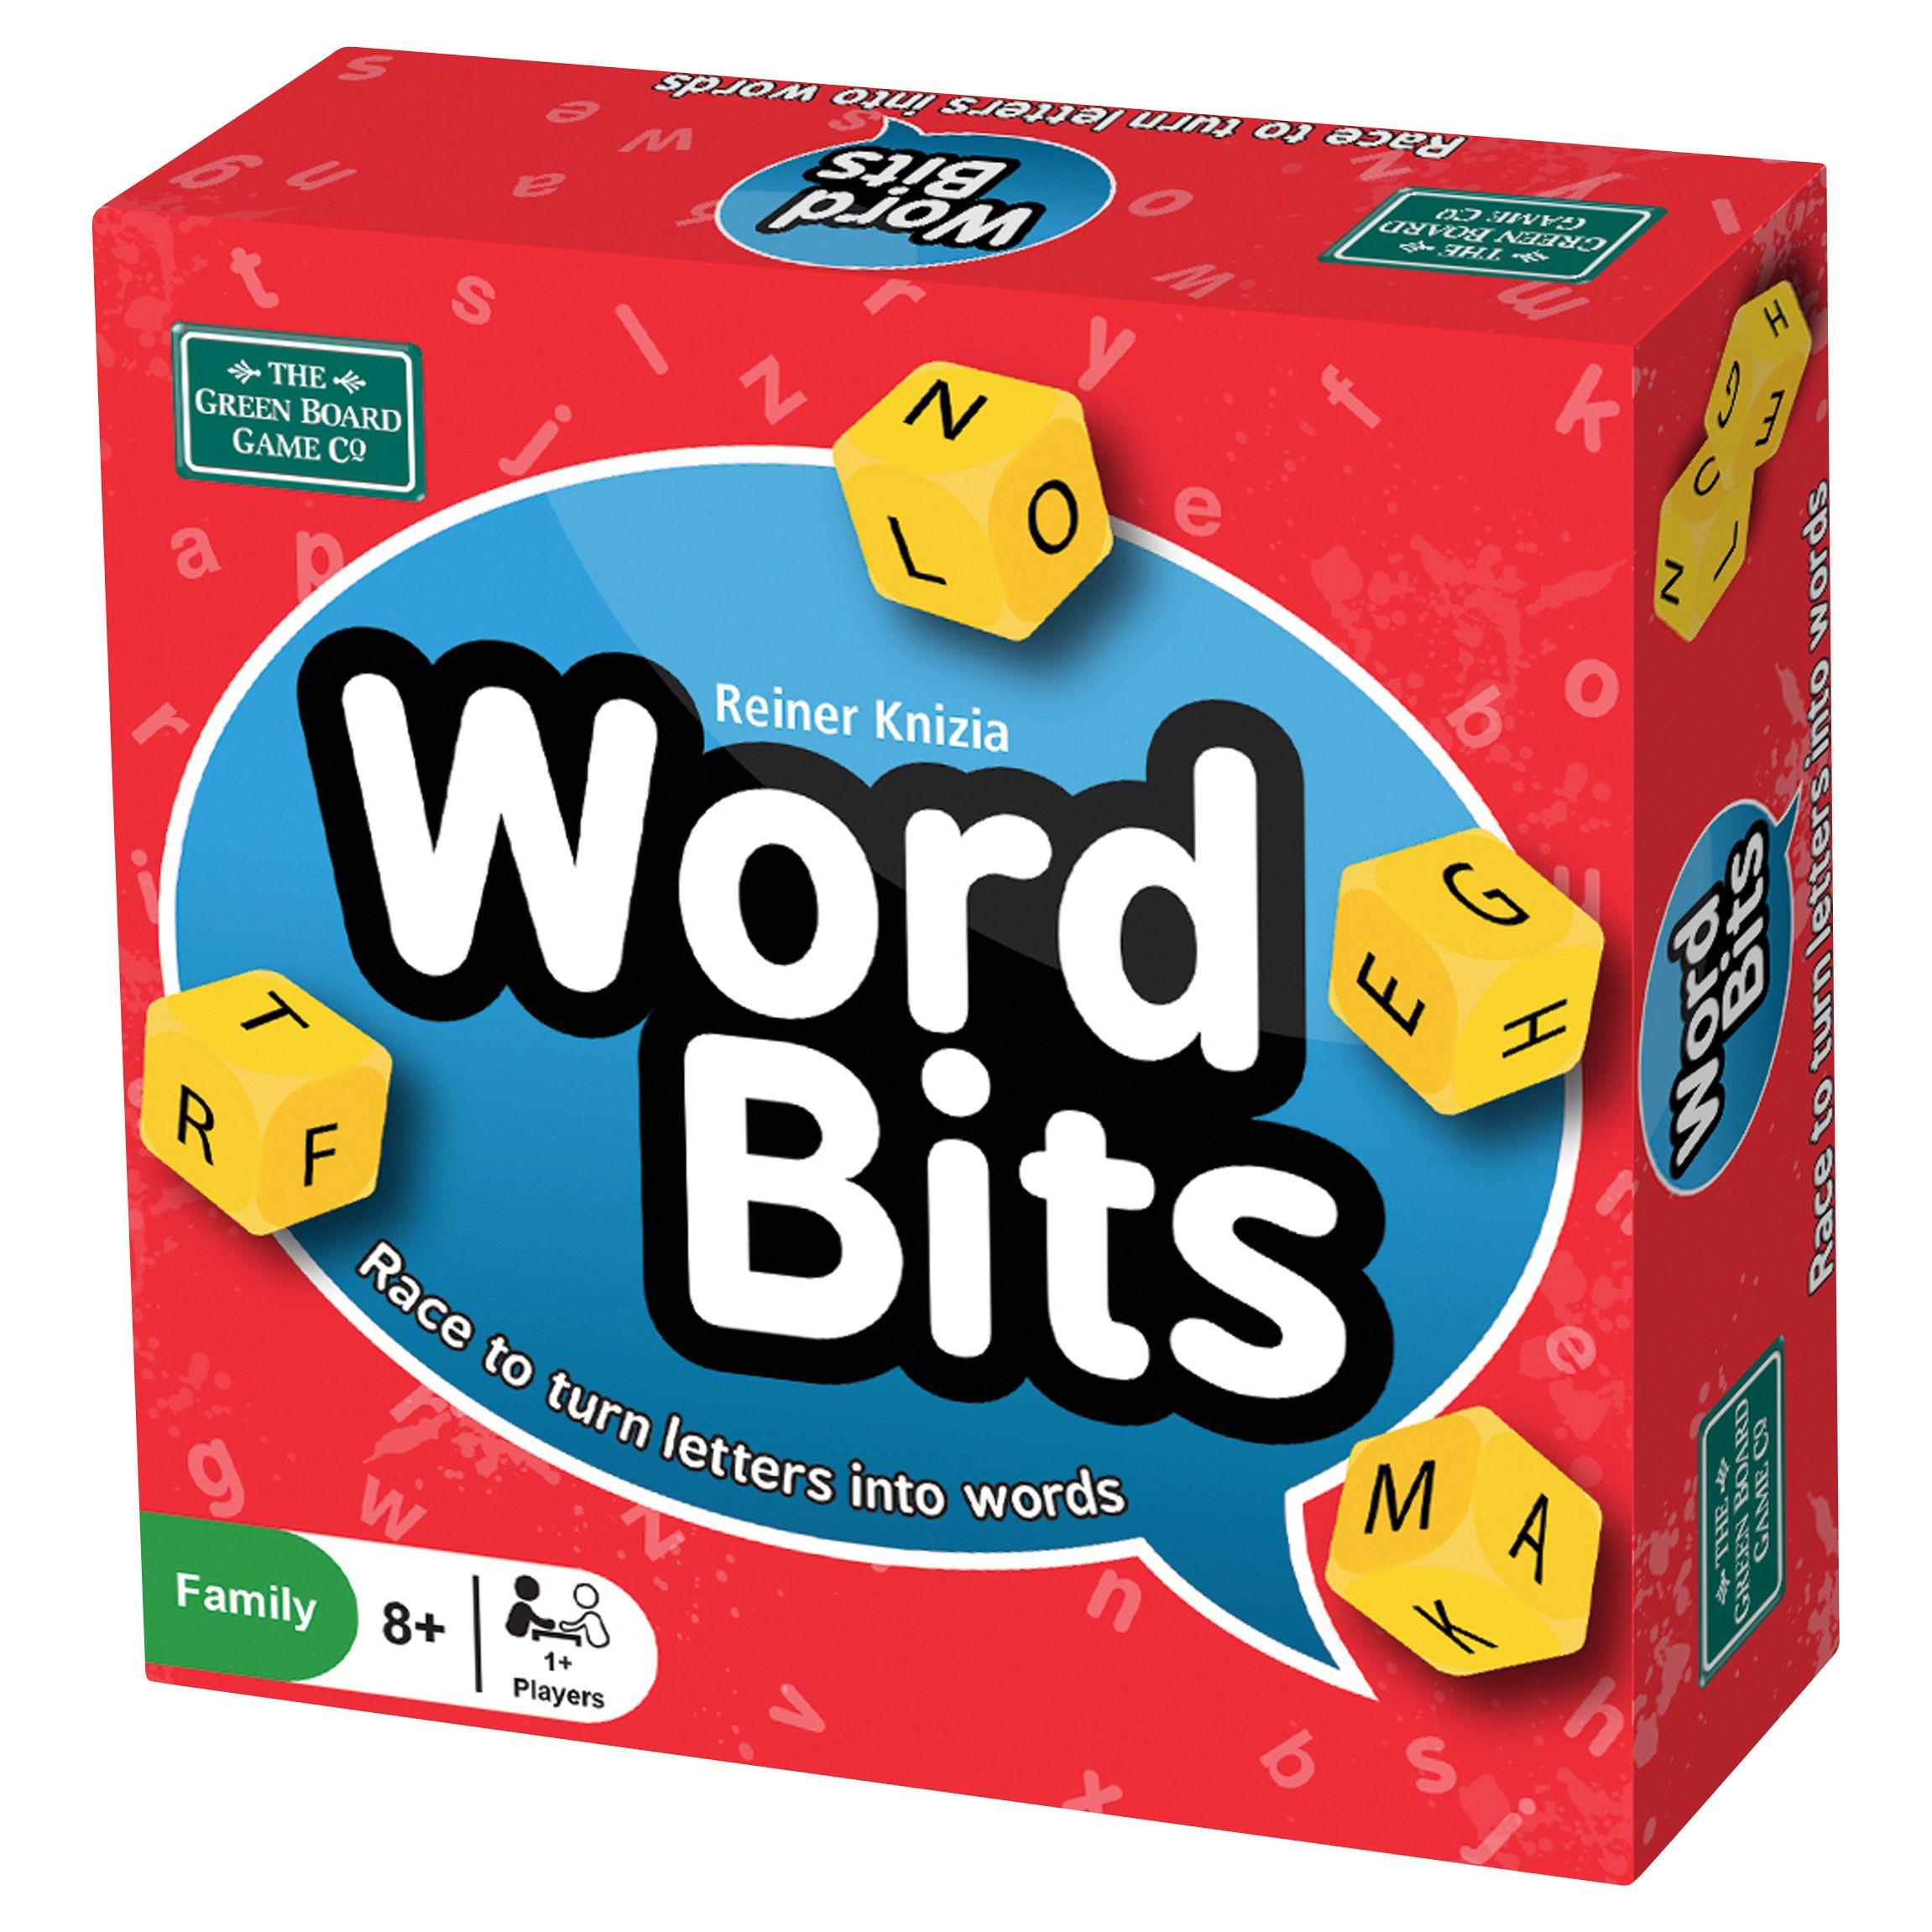 Greenboard Word Bits Game